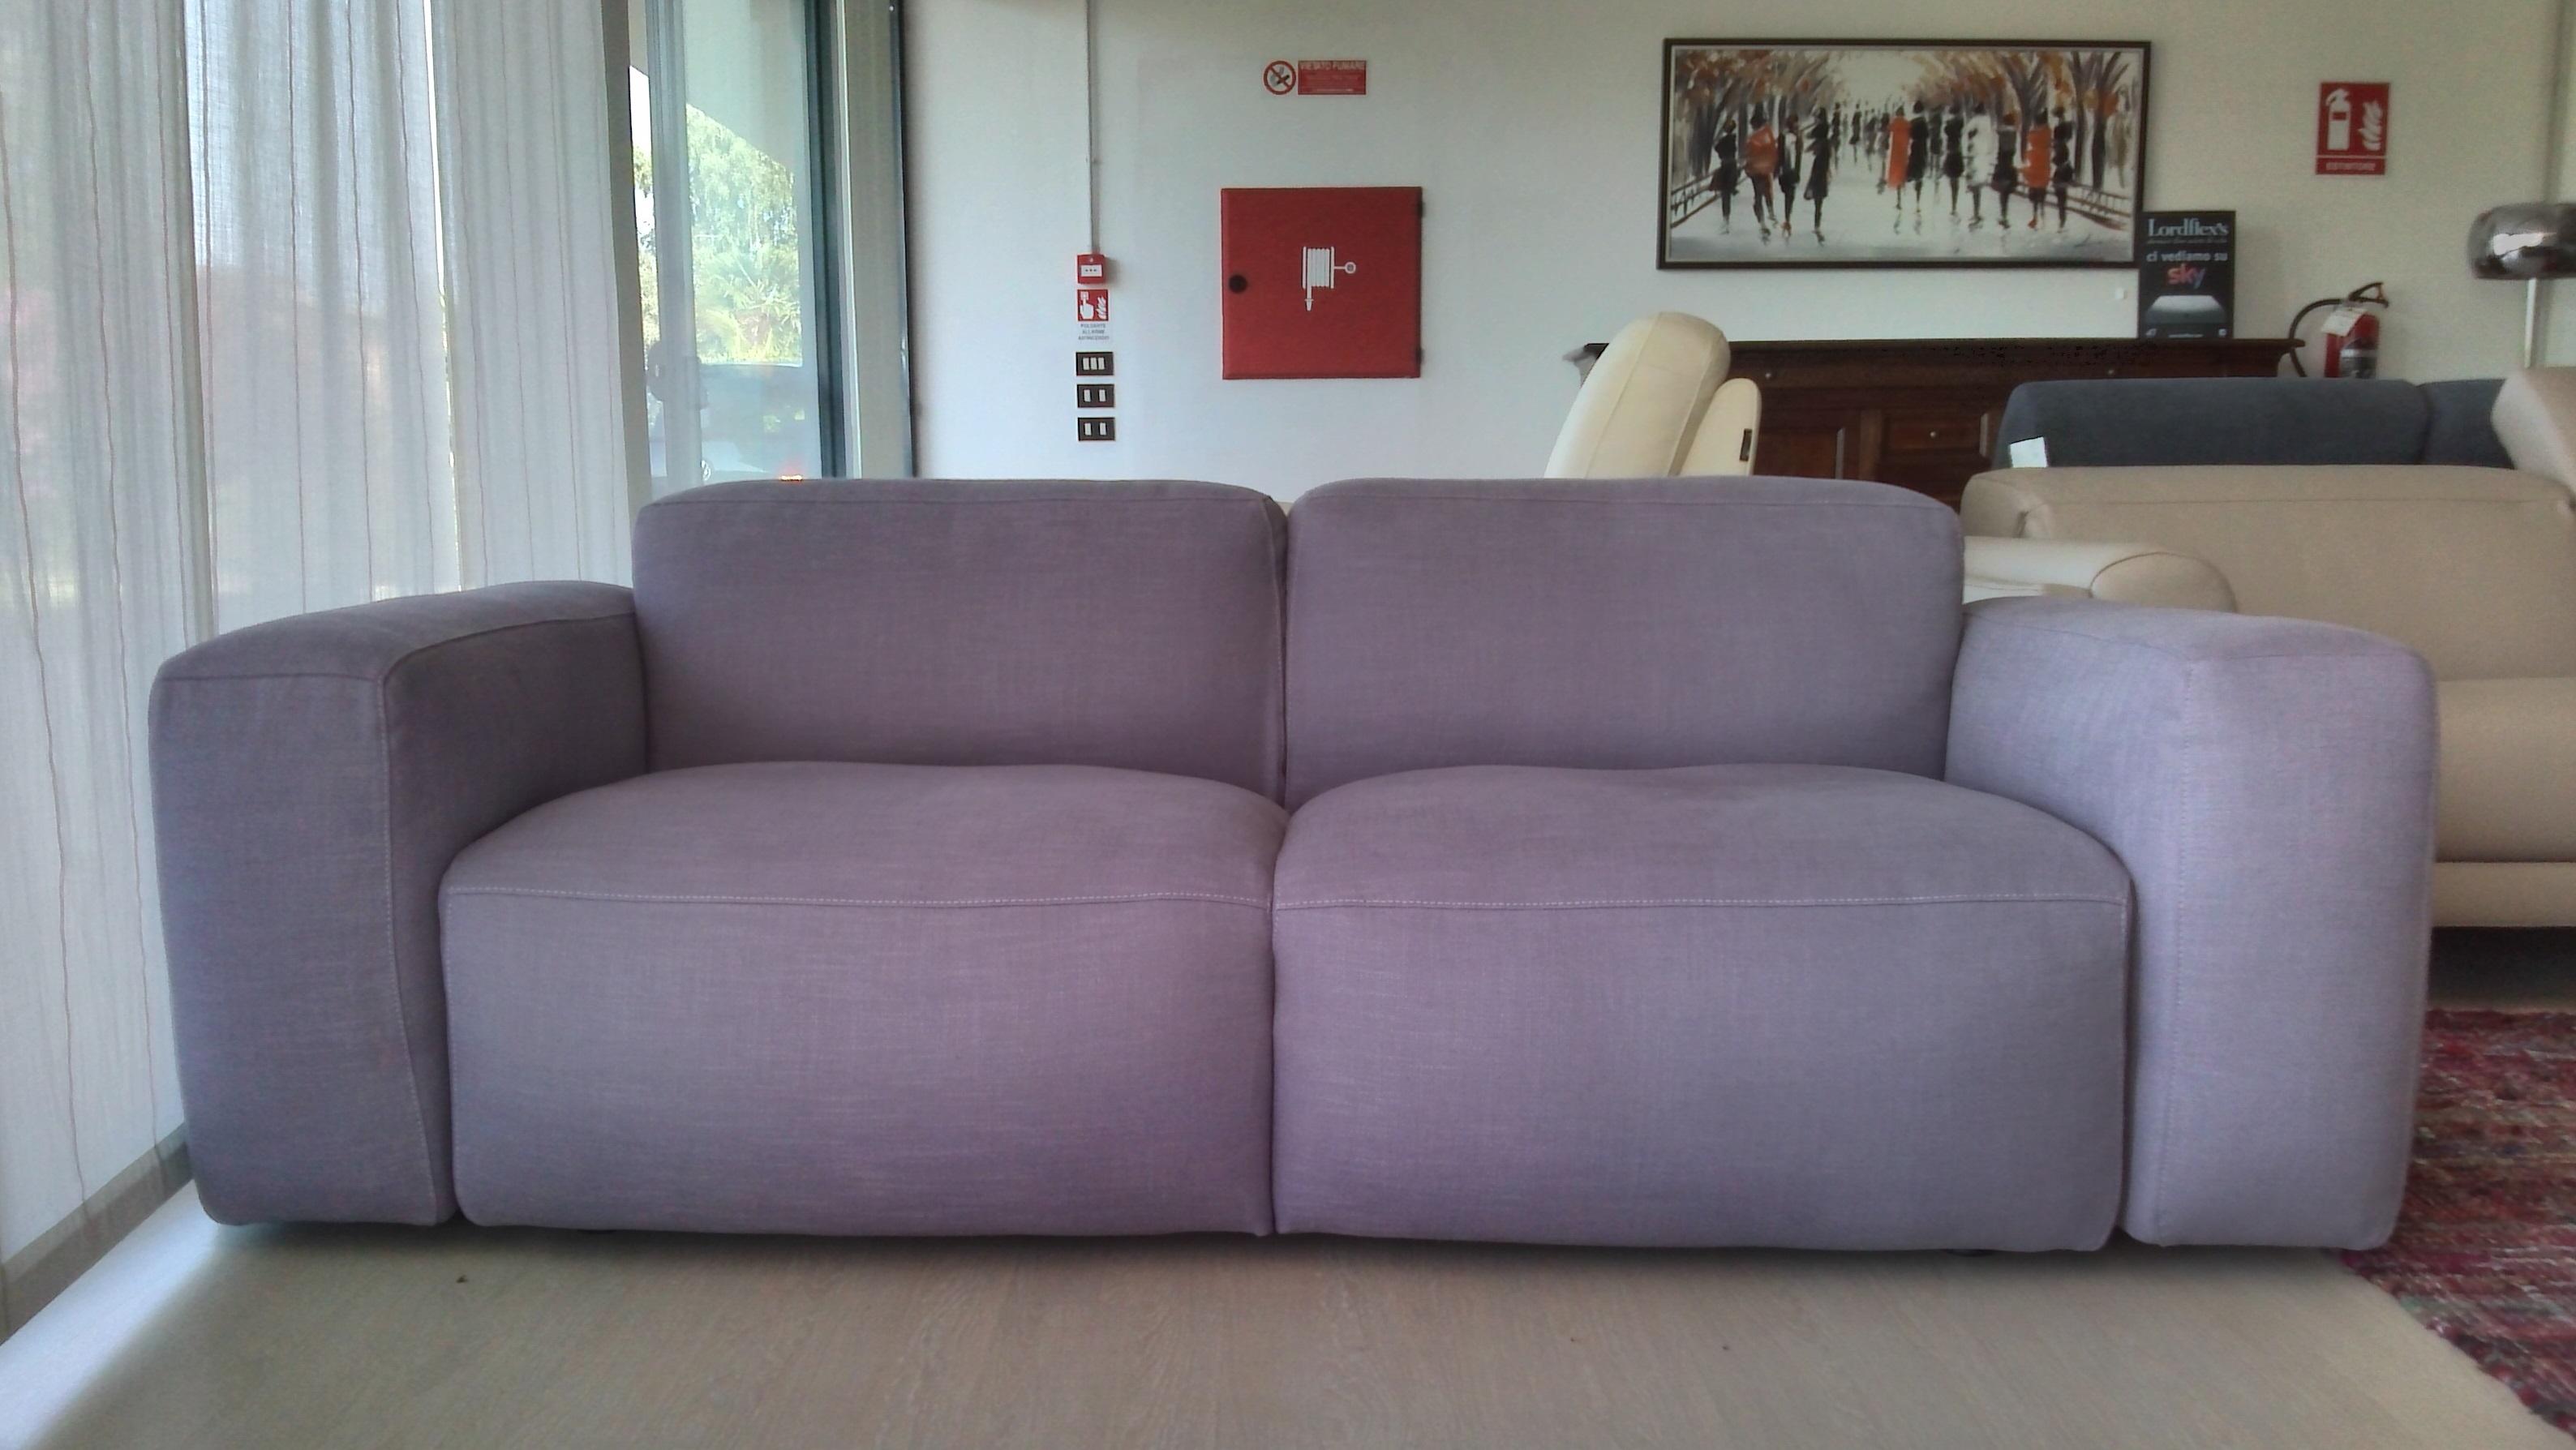 Nicoline salotti divano piuma scontato del 60 divani for Divano 60 cm